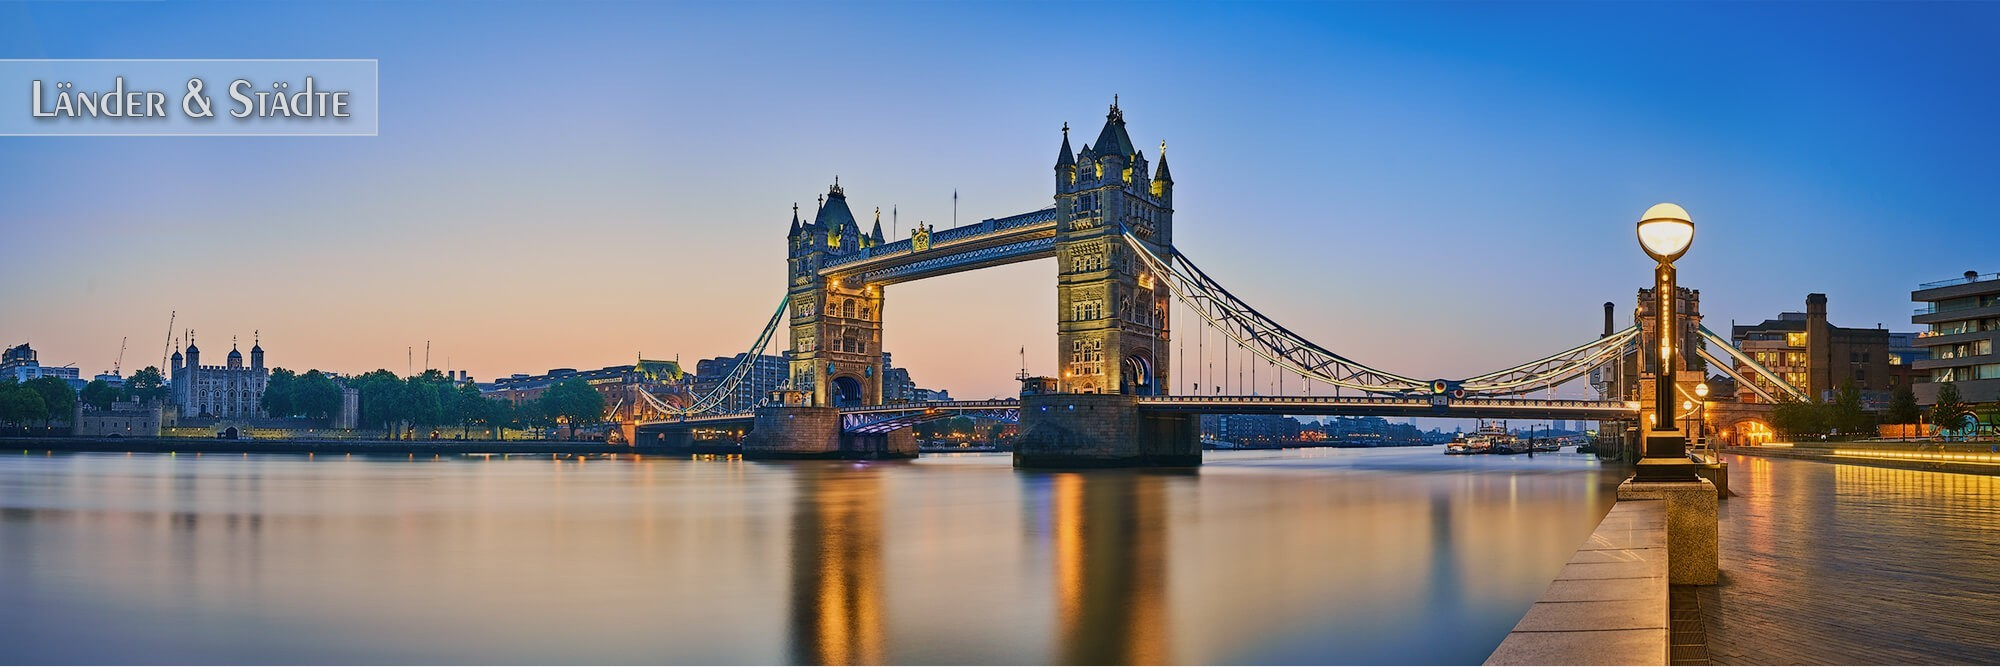 FineArt & Panoramafotografien von Ländern und Städten